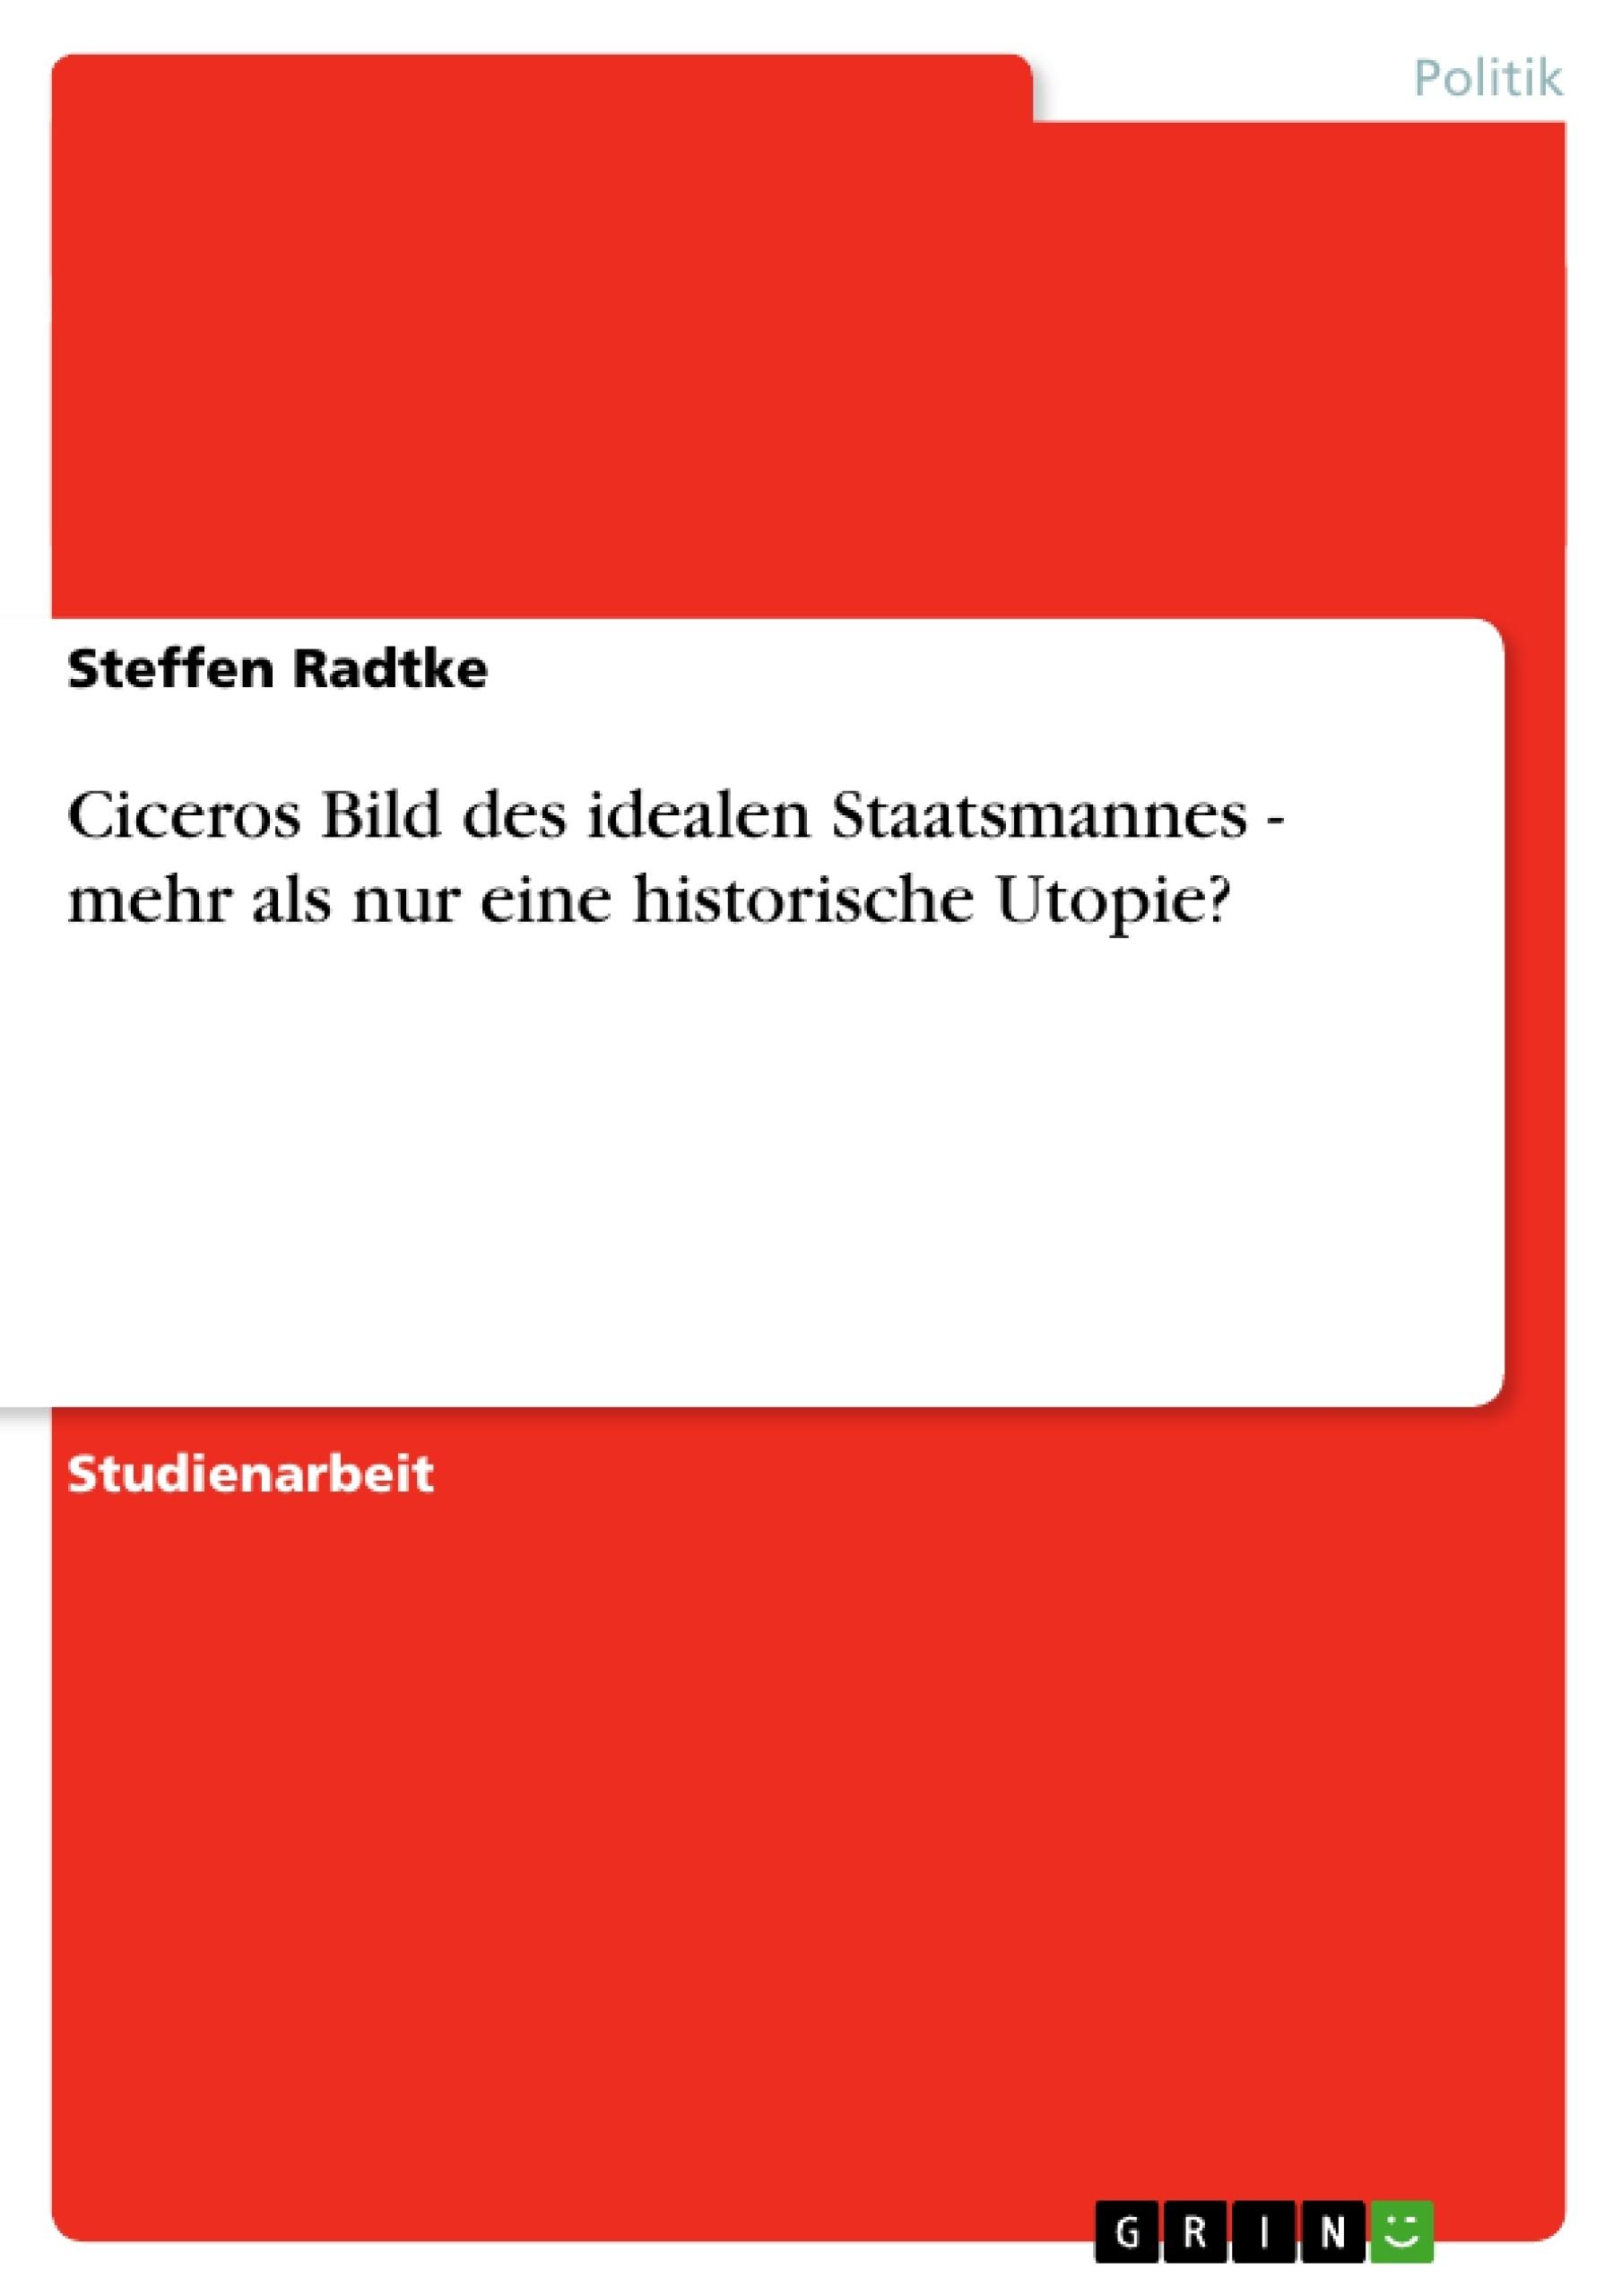 Titel: Ciceros Bild des idealen Staatsmannes - mehr als nur eine historische Utopie?